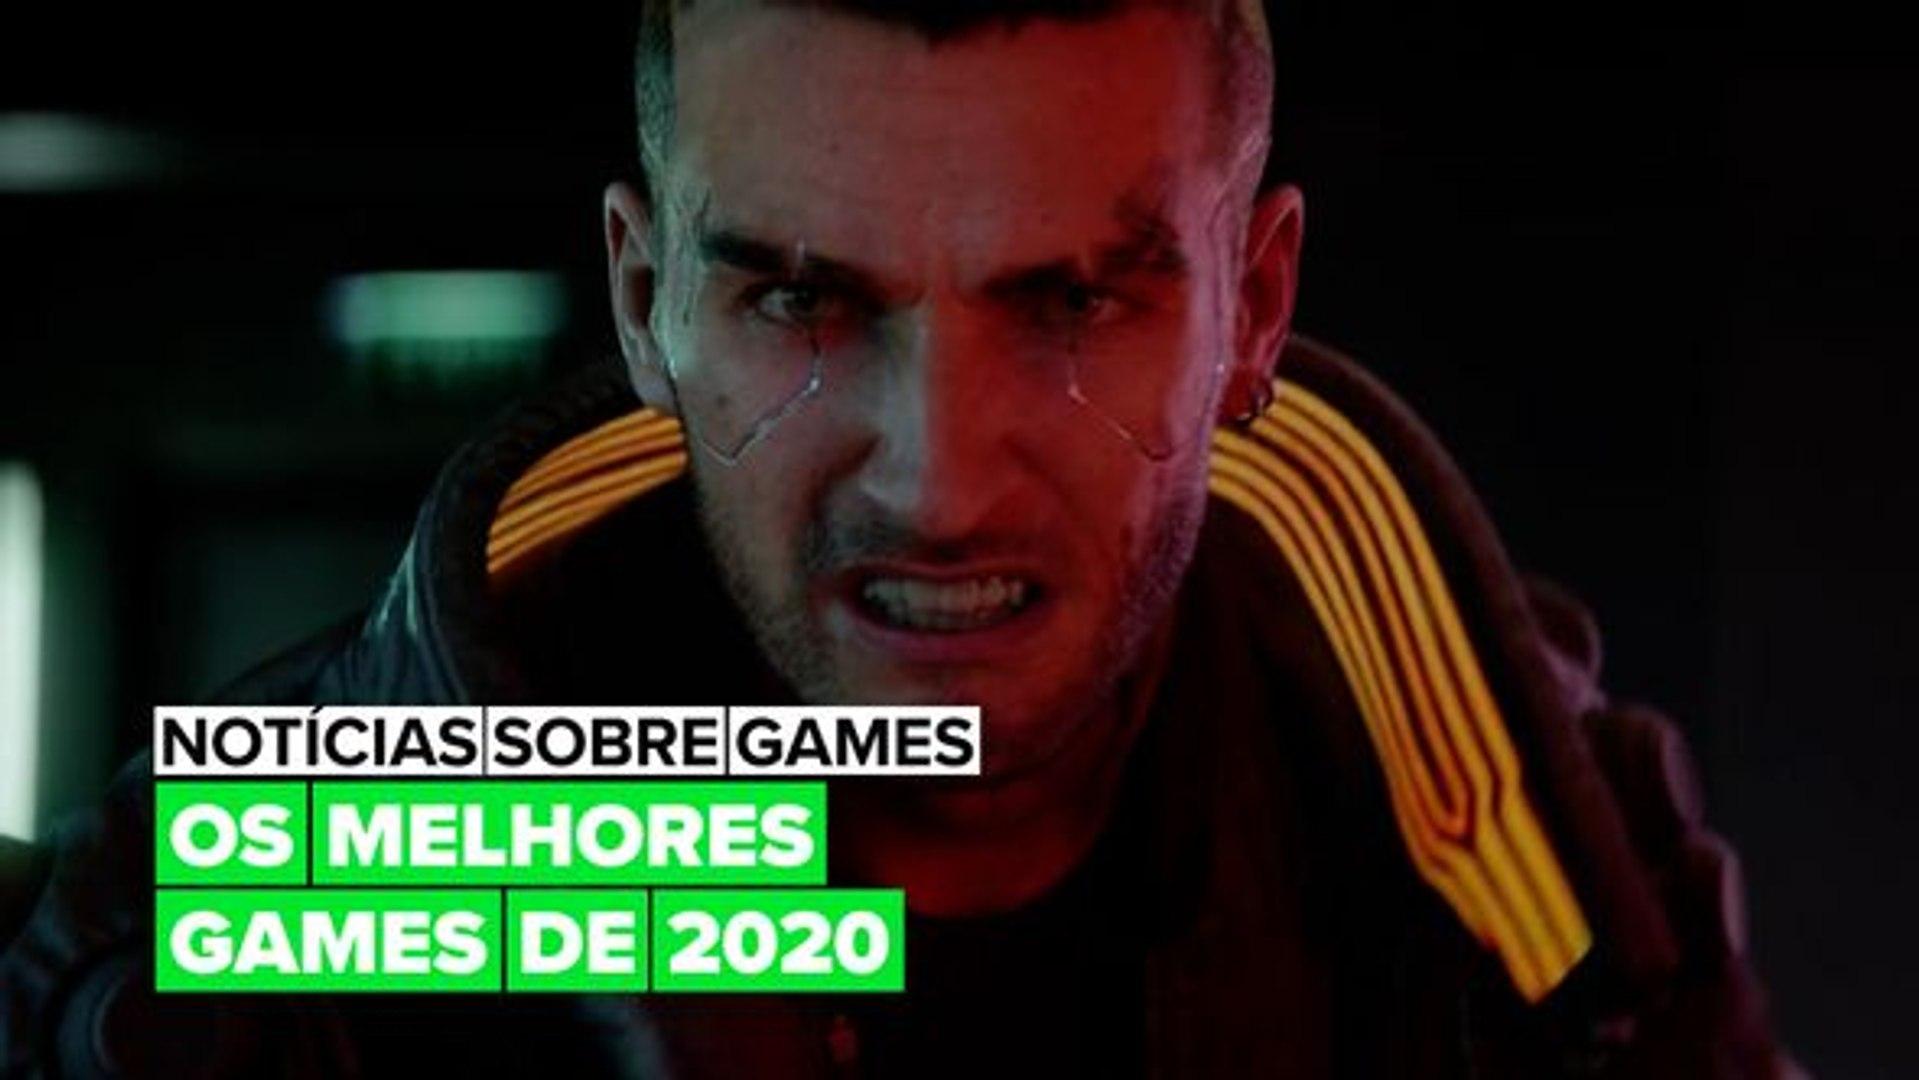 Estes são os 5 melhores games de 2020